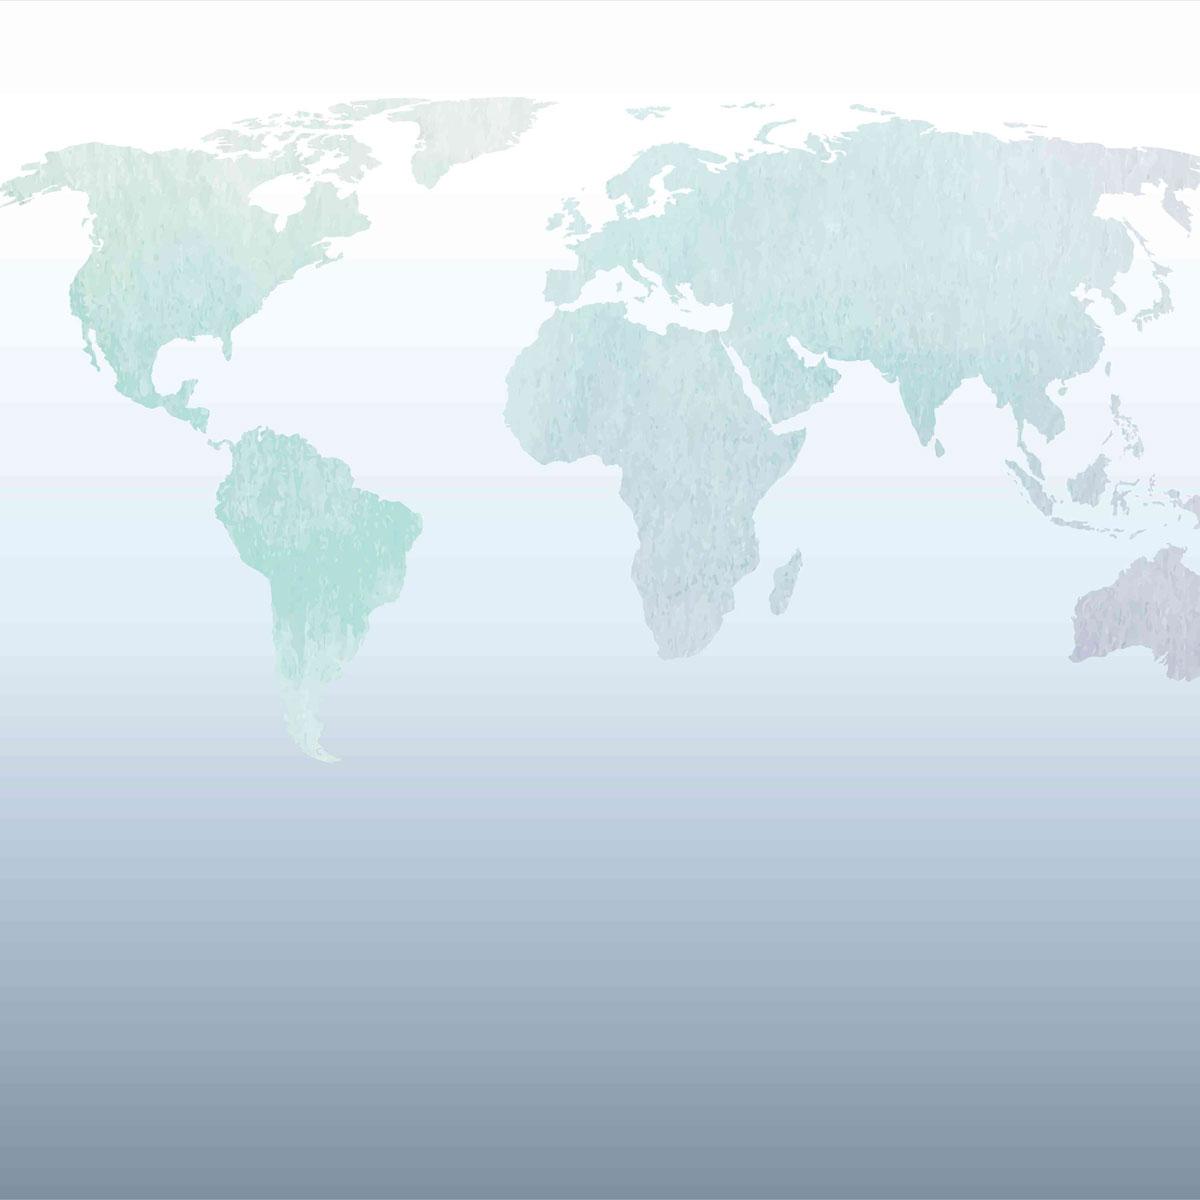 Painel mapa mundi